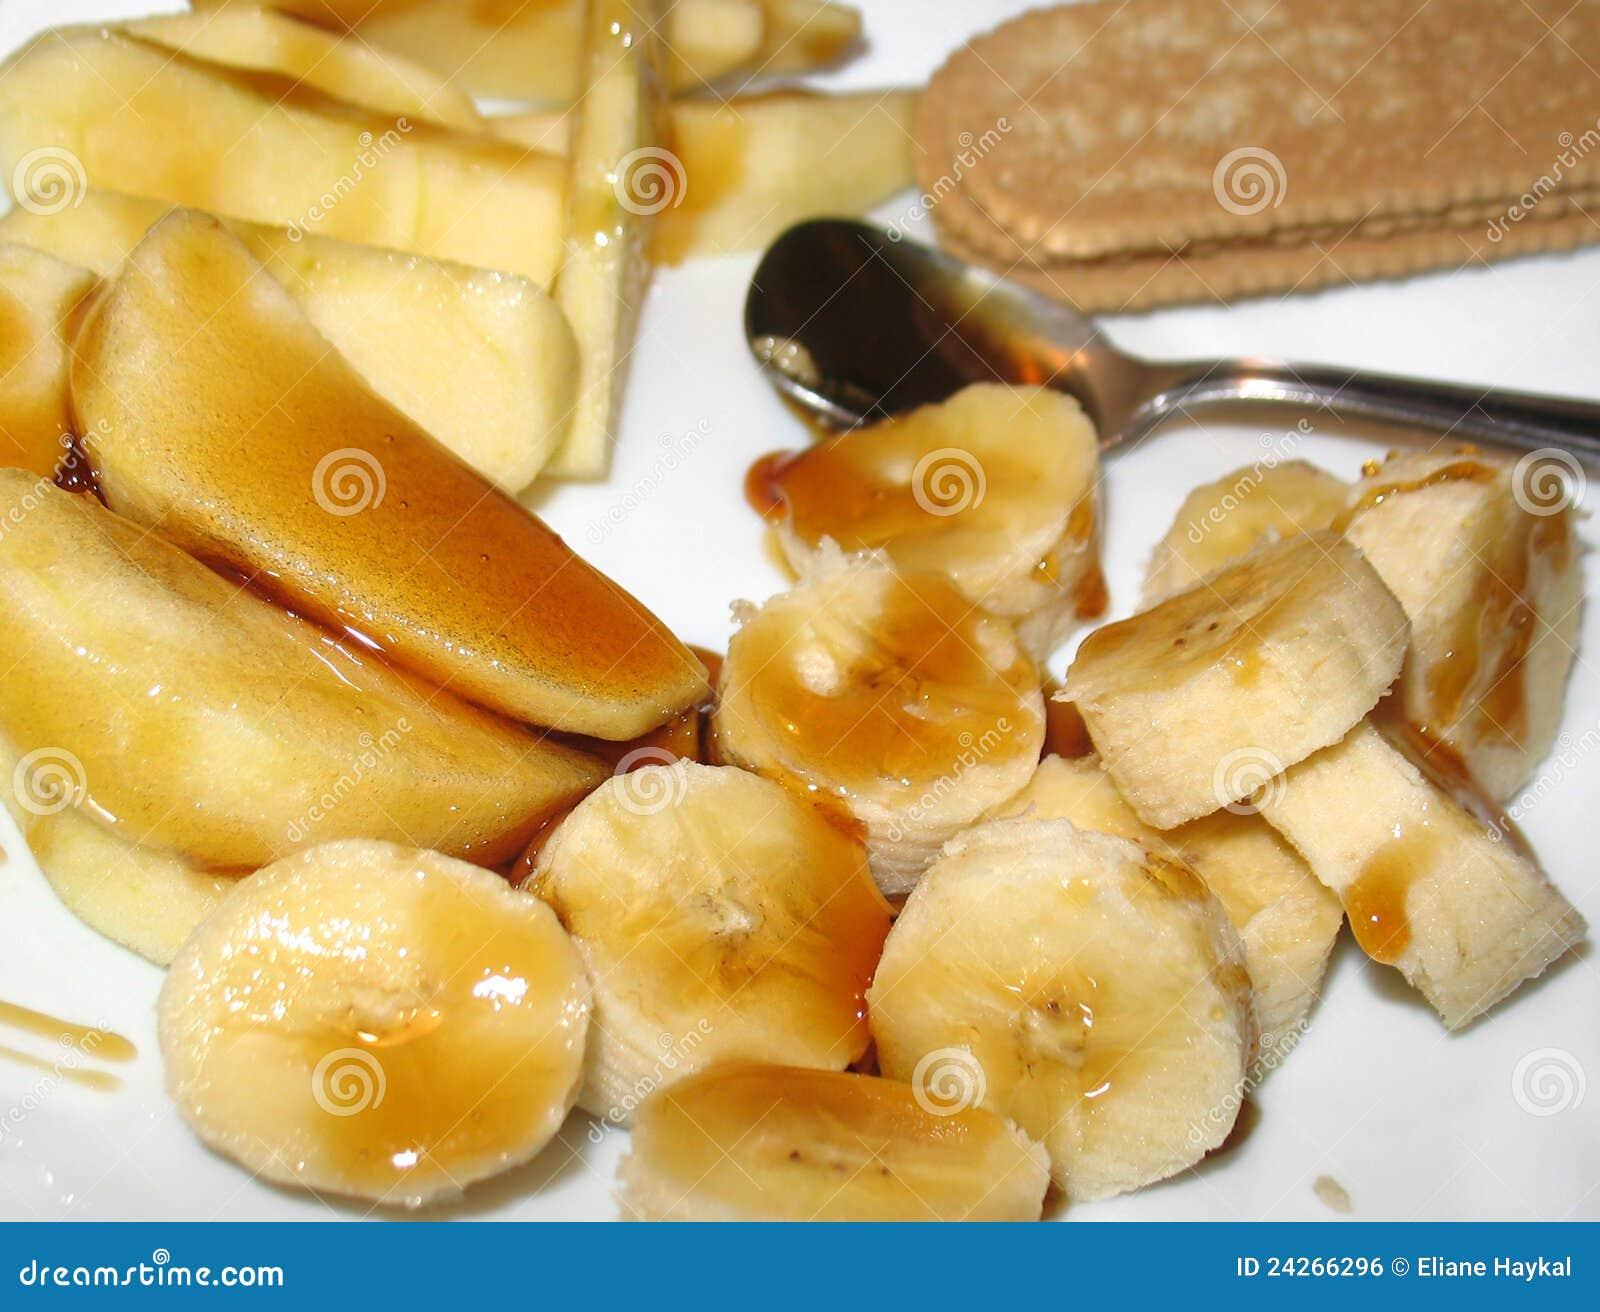 banane et apple avec le dessert de miel image libre de droits image 24266296